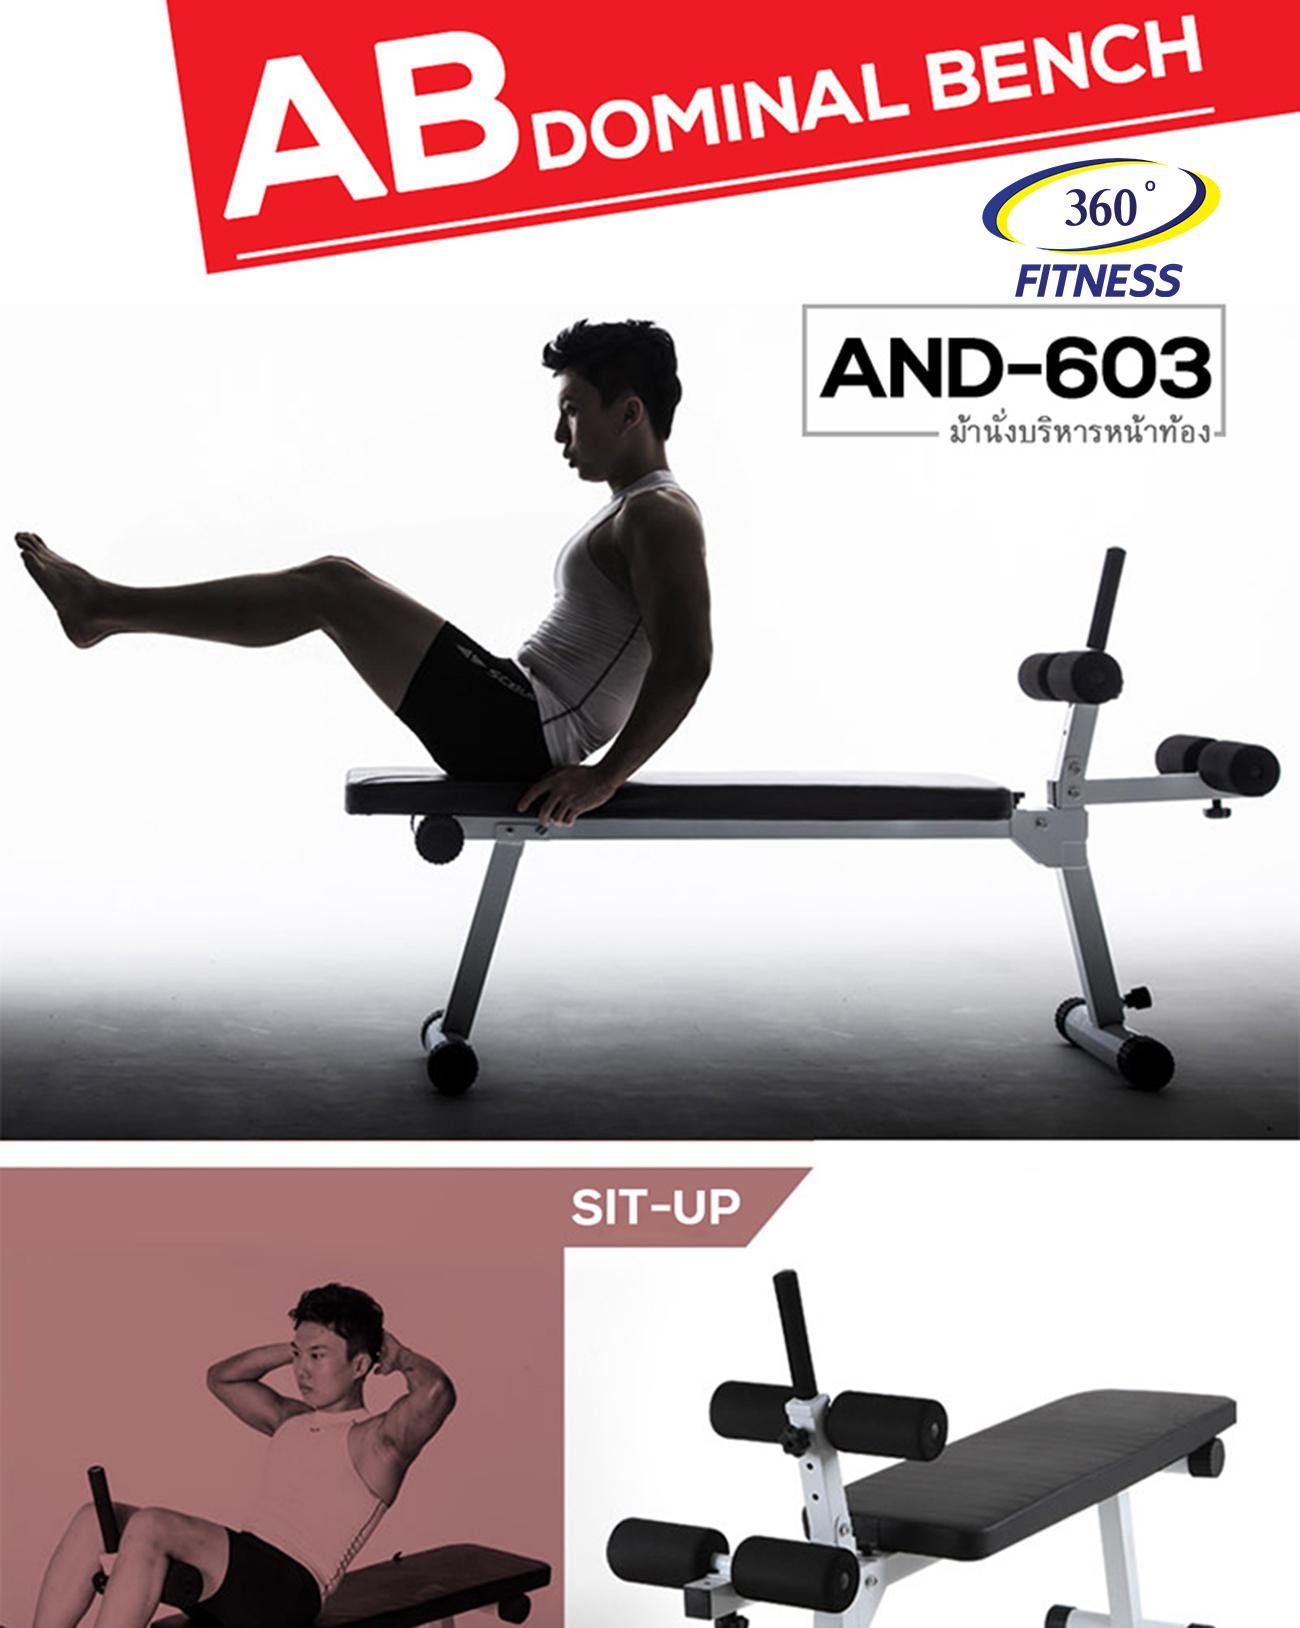 ม้านั่งสำหรับออกกำลังกาย รุ่น AND-603